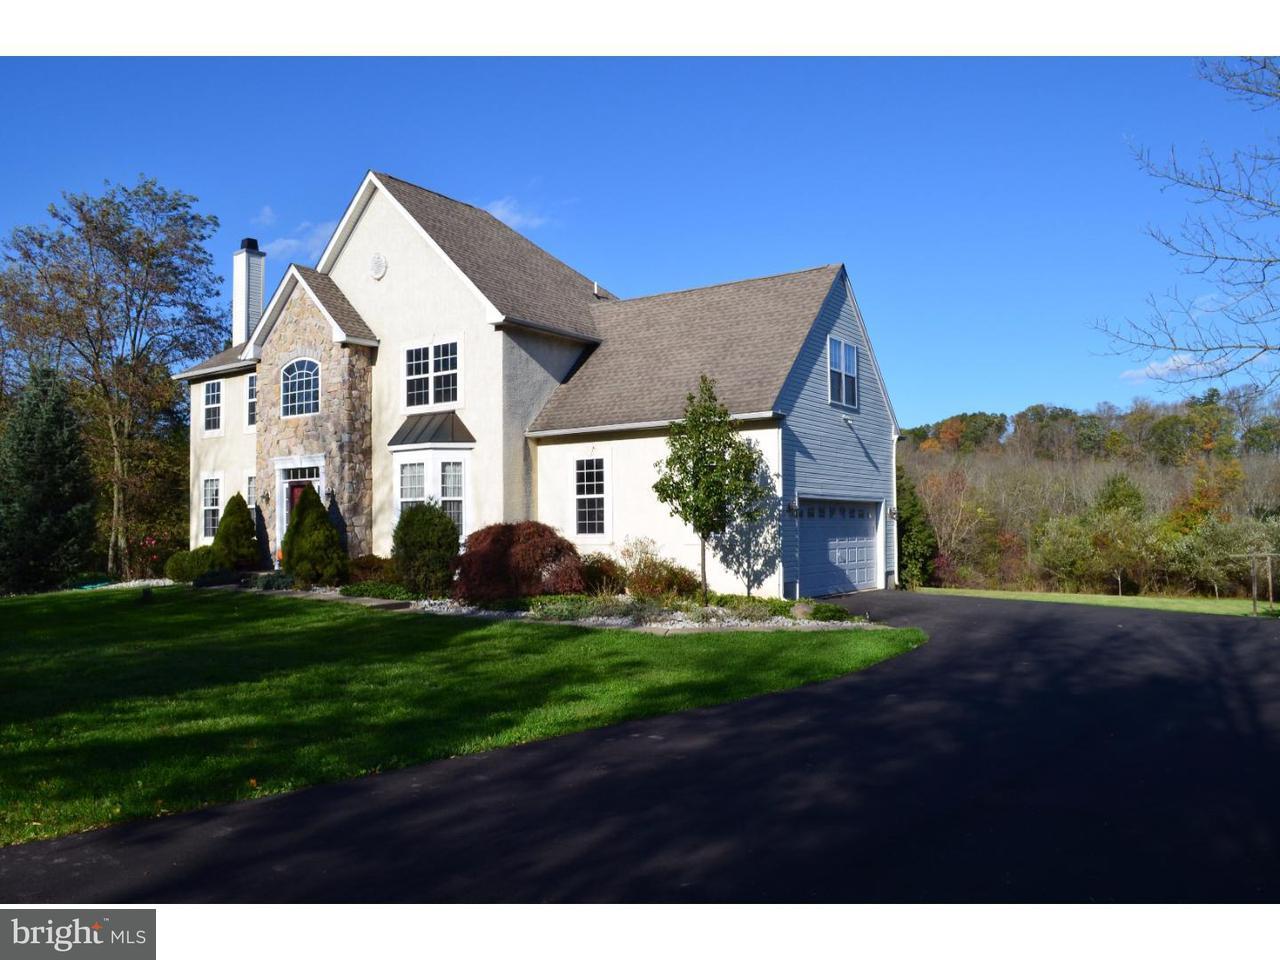 独户住宅 为 出租 在 7455 OLD EASTON Road 派珀斯威尔, 宾夕法尼亚州 18947 美国